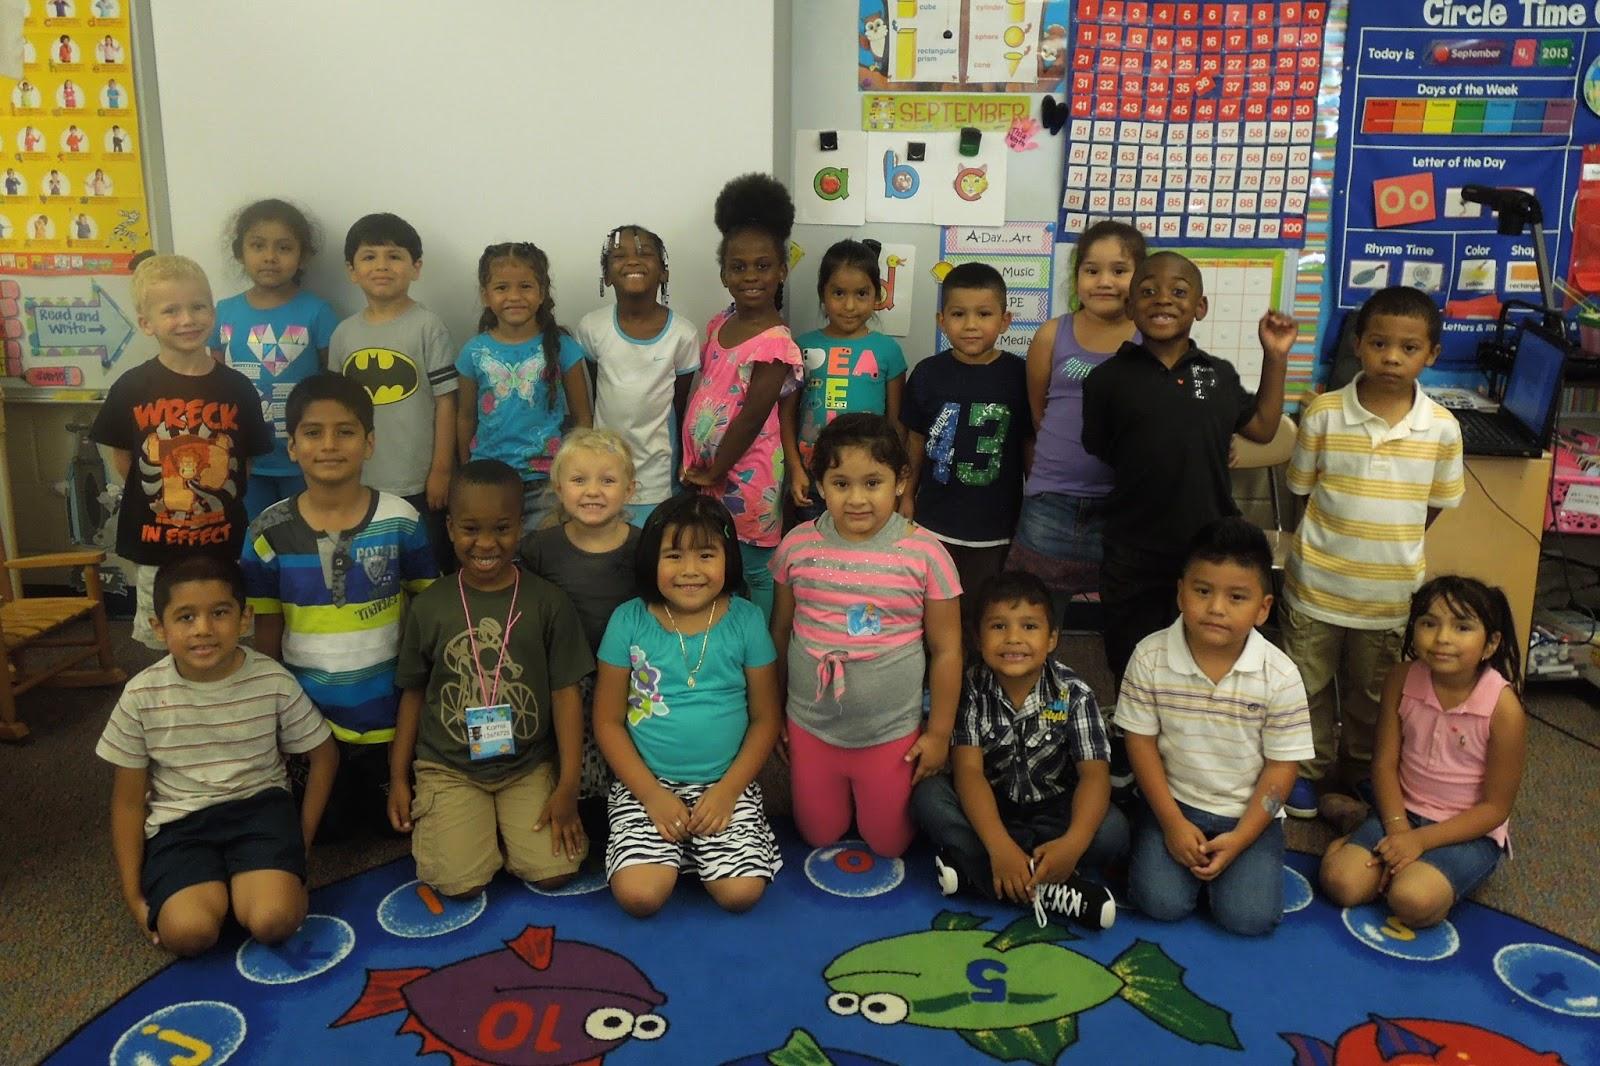 Kindergarten Classroom: Miss Jones' Kindergarten Class: Introducing